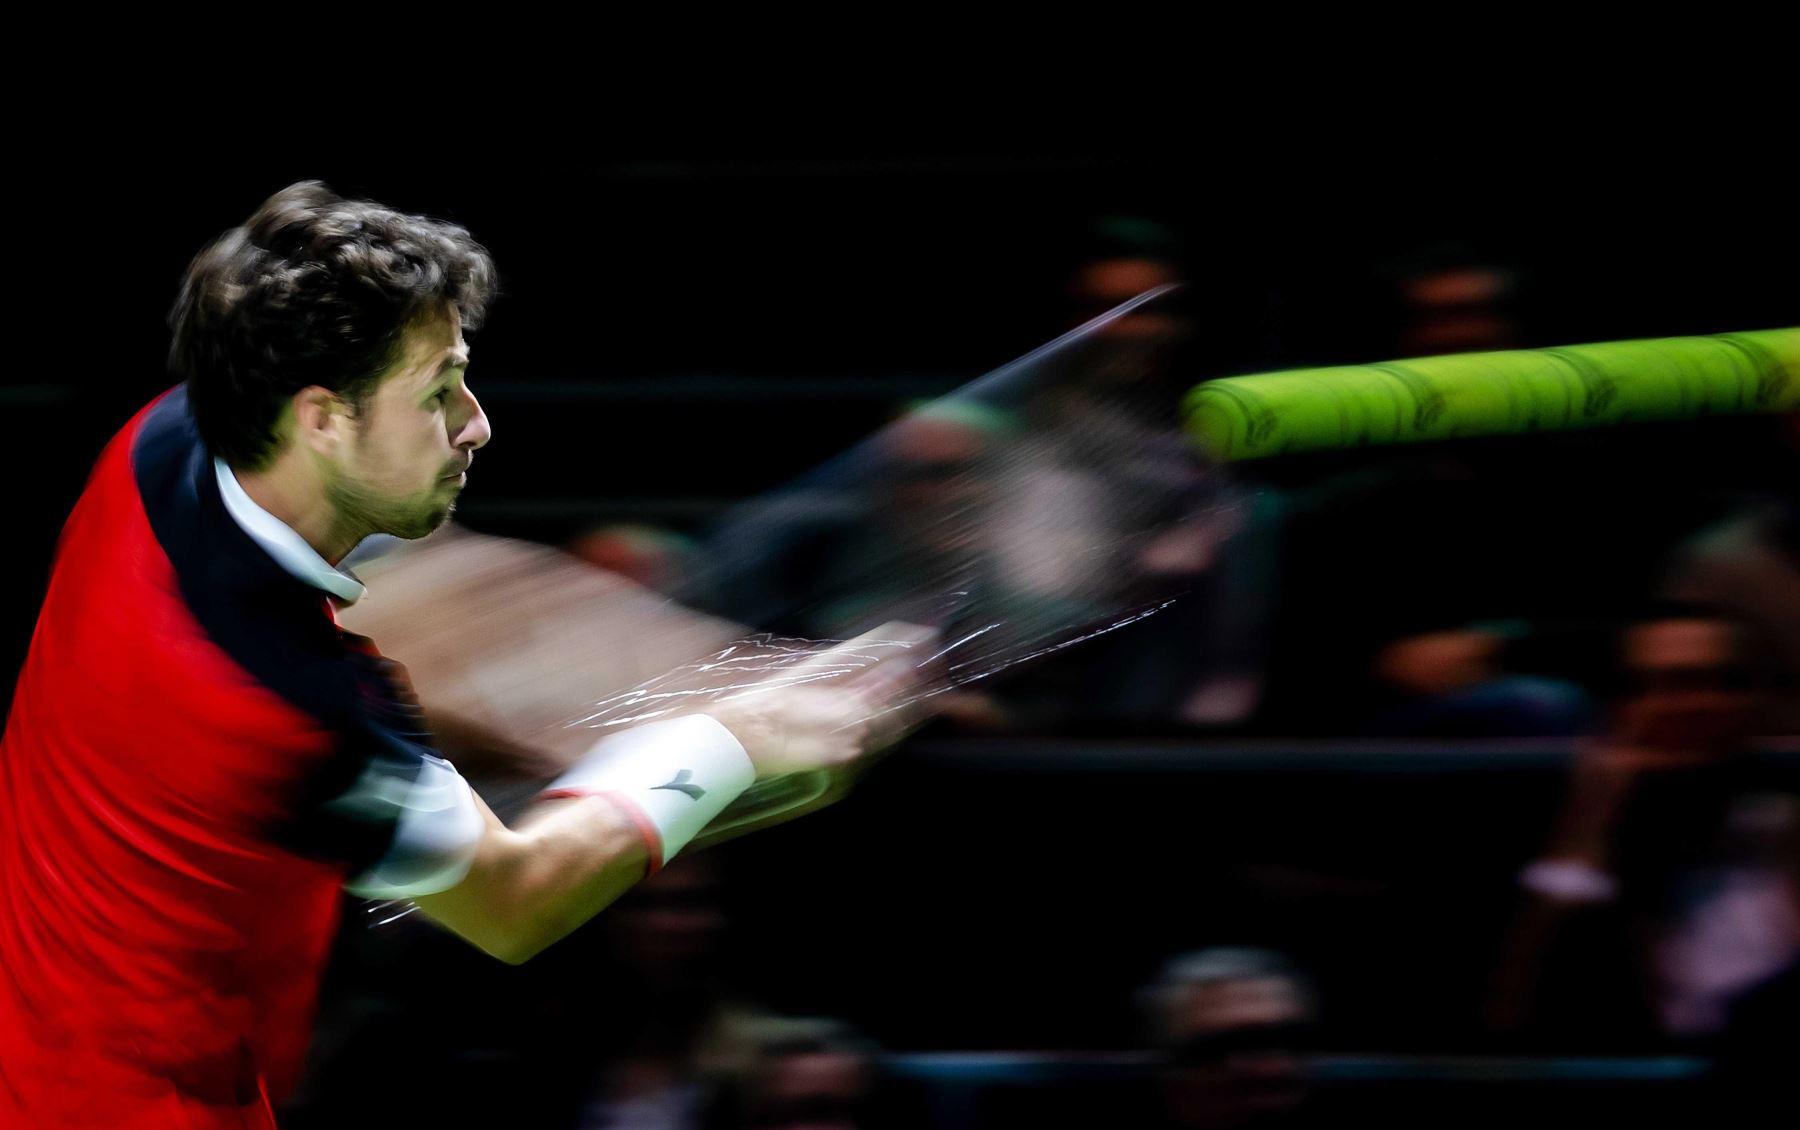 El tenista holandés Robin Haase devuelve la bola al kazajo Mikhail Kukushkin durante su encuentro del torneo ATP de Rotterdam, este lunes, en Holanda. Foto: EFE/ Robin Van Lonkhuijsen